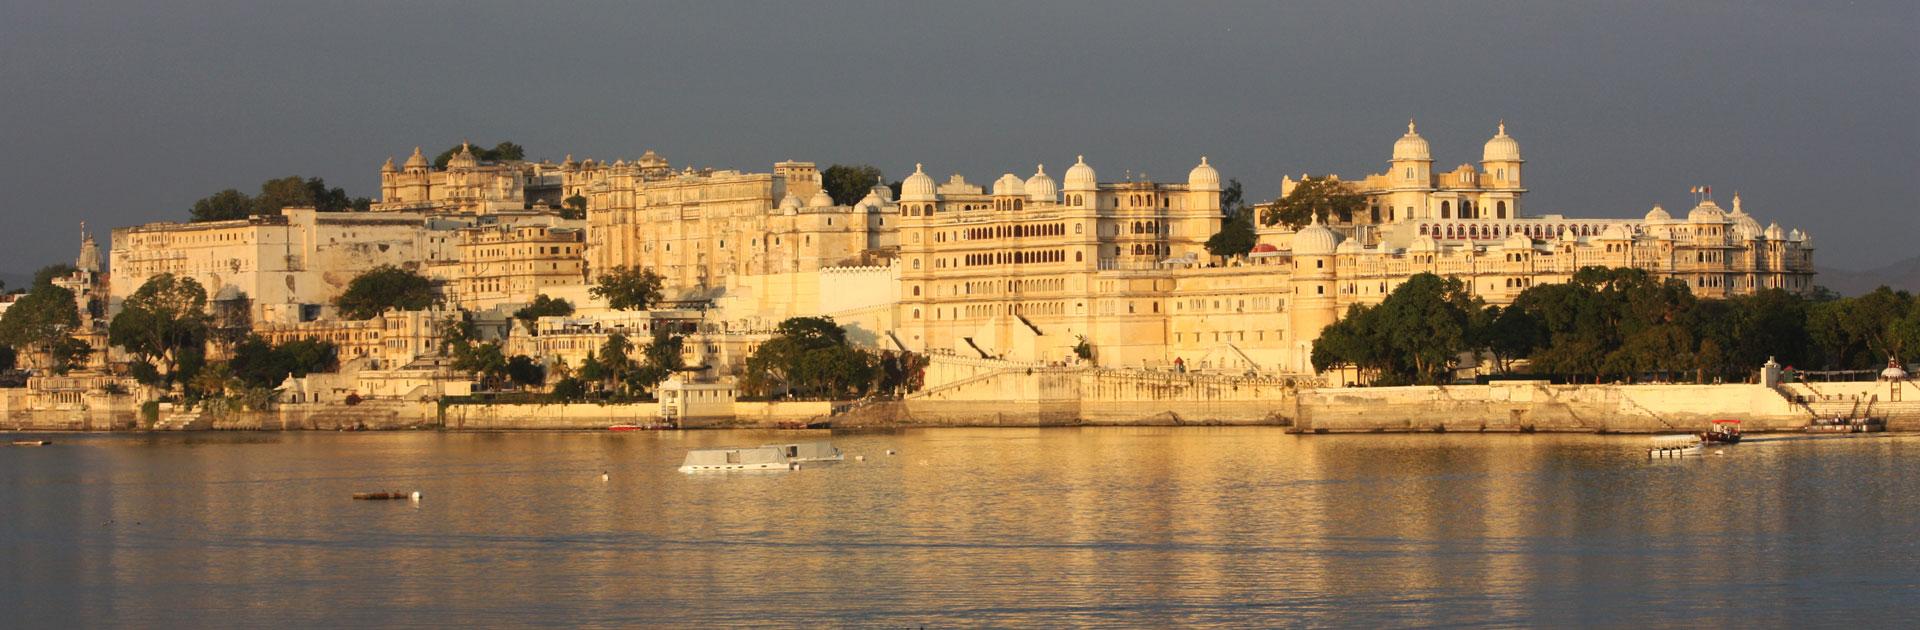 IN India sueña con palacios 15 días 2